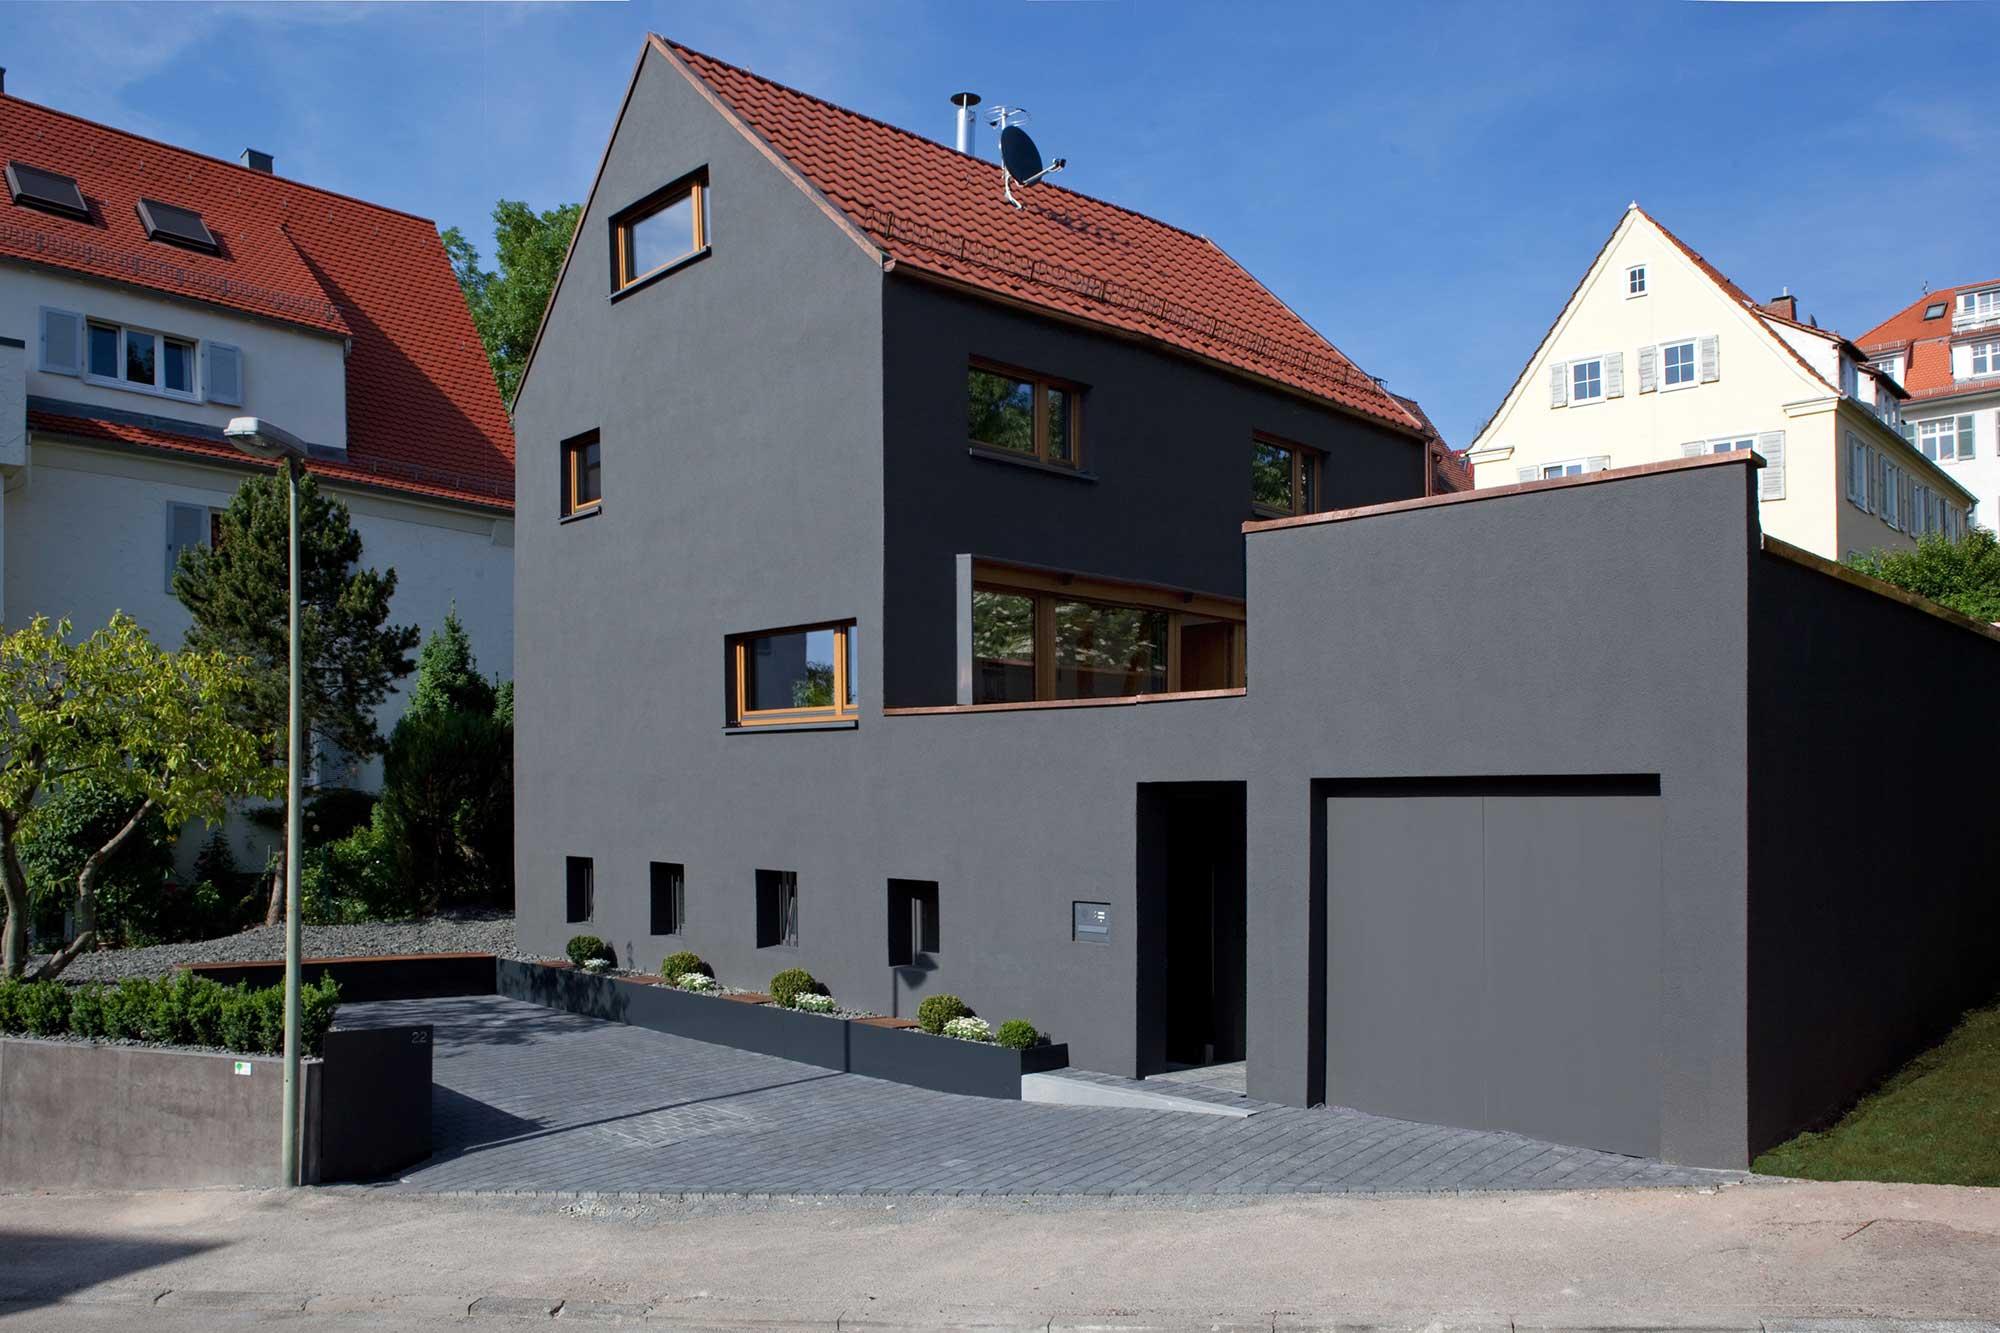 Umbau Und Erweiterungeinfamilienhaus E22stuttgart Holzerarchitekten